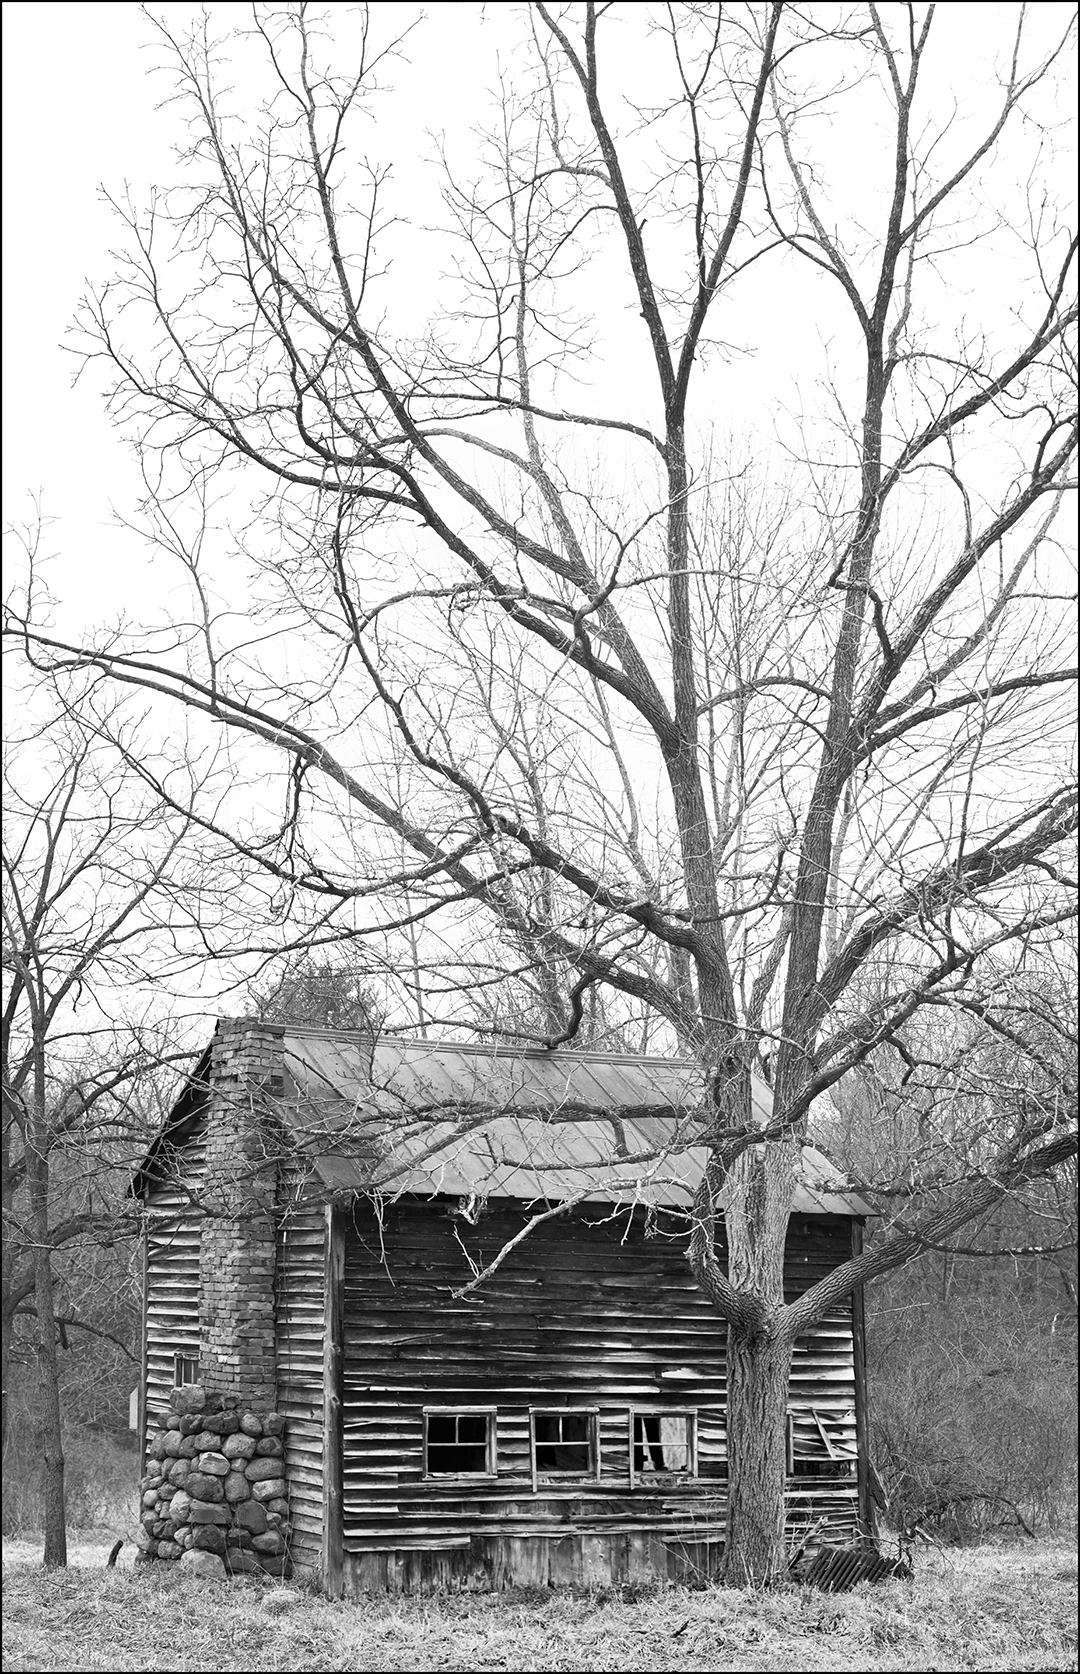 Little Cabin - 6 + B&W.jpg